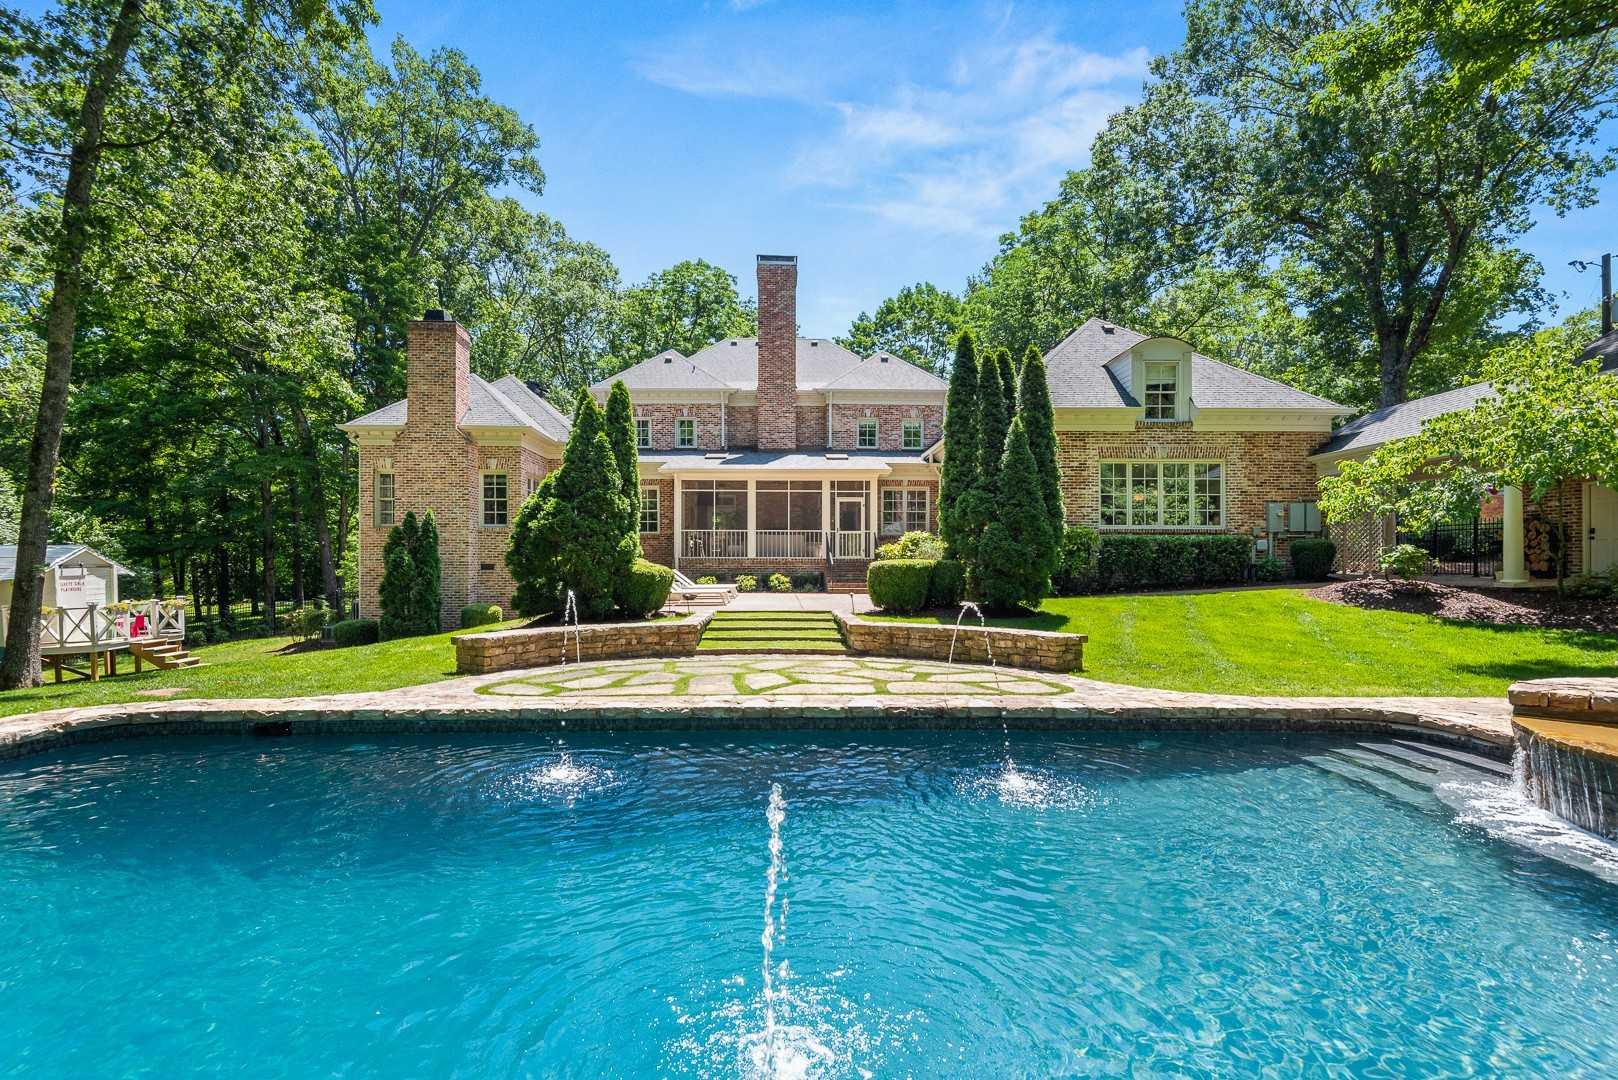 $4,200,000 - 5Br/9Ba -  for Sale in West Meade Village, Nashville